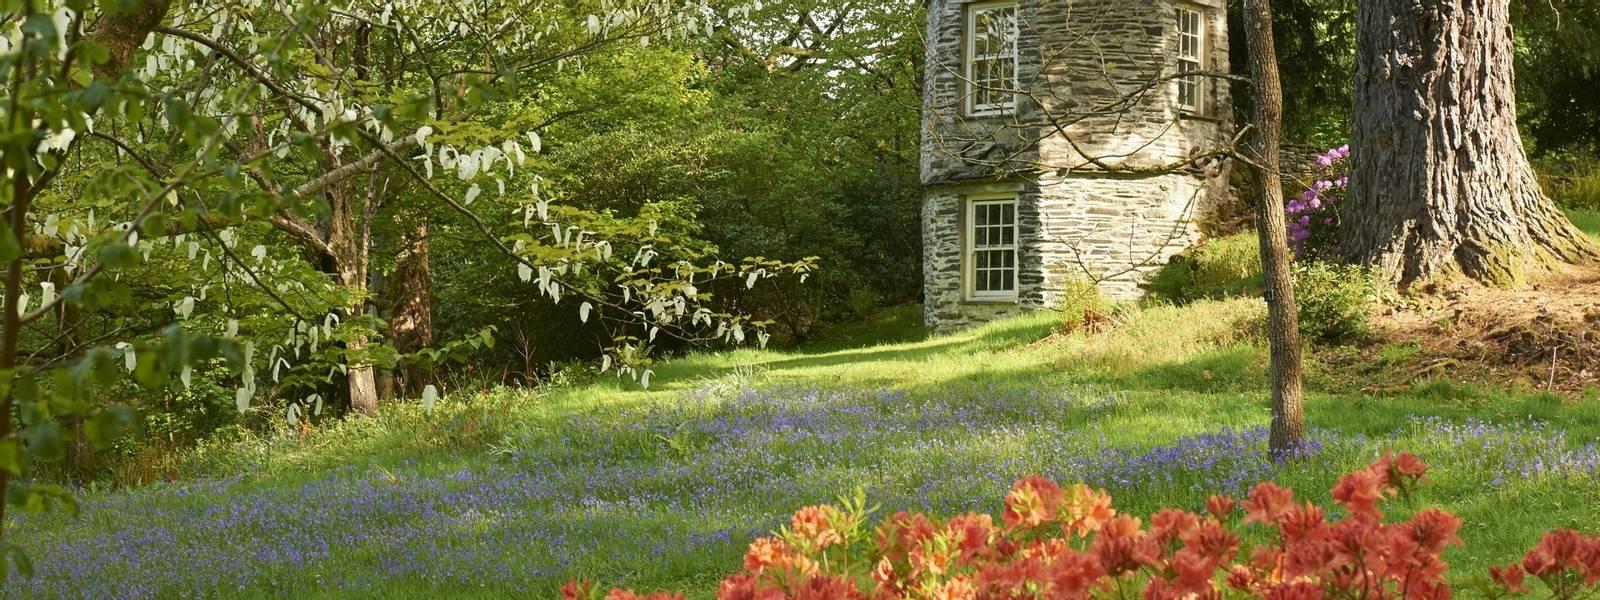 10683_0051 - Monk Coniston - Garden